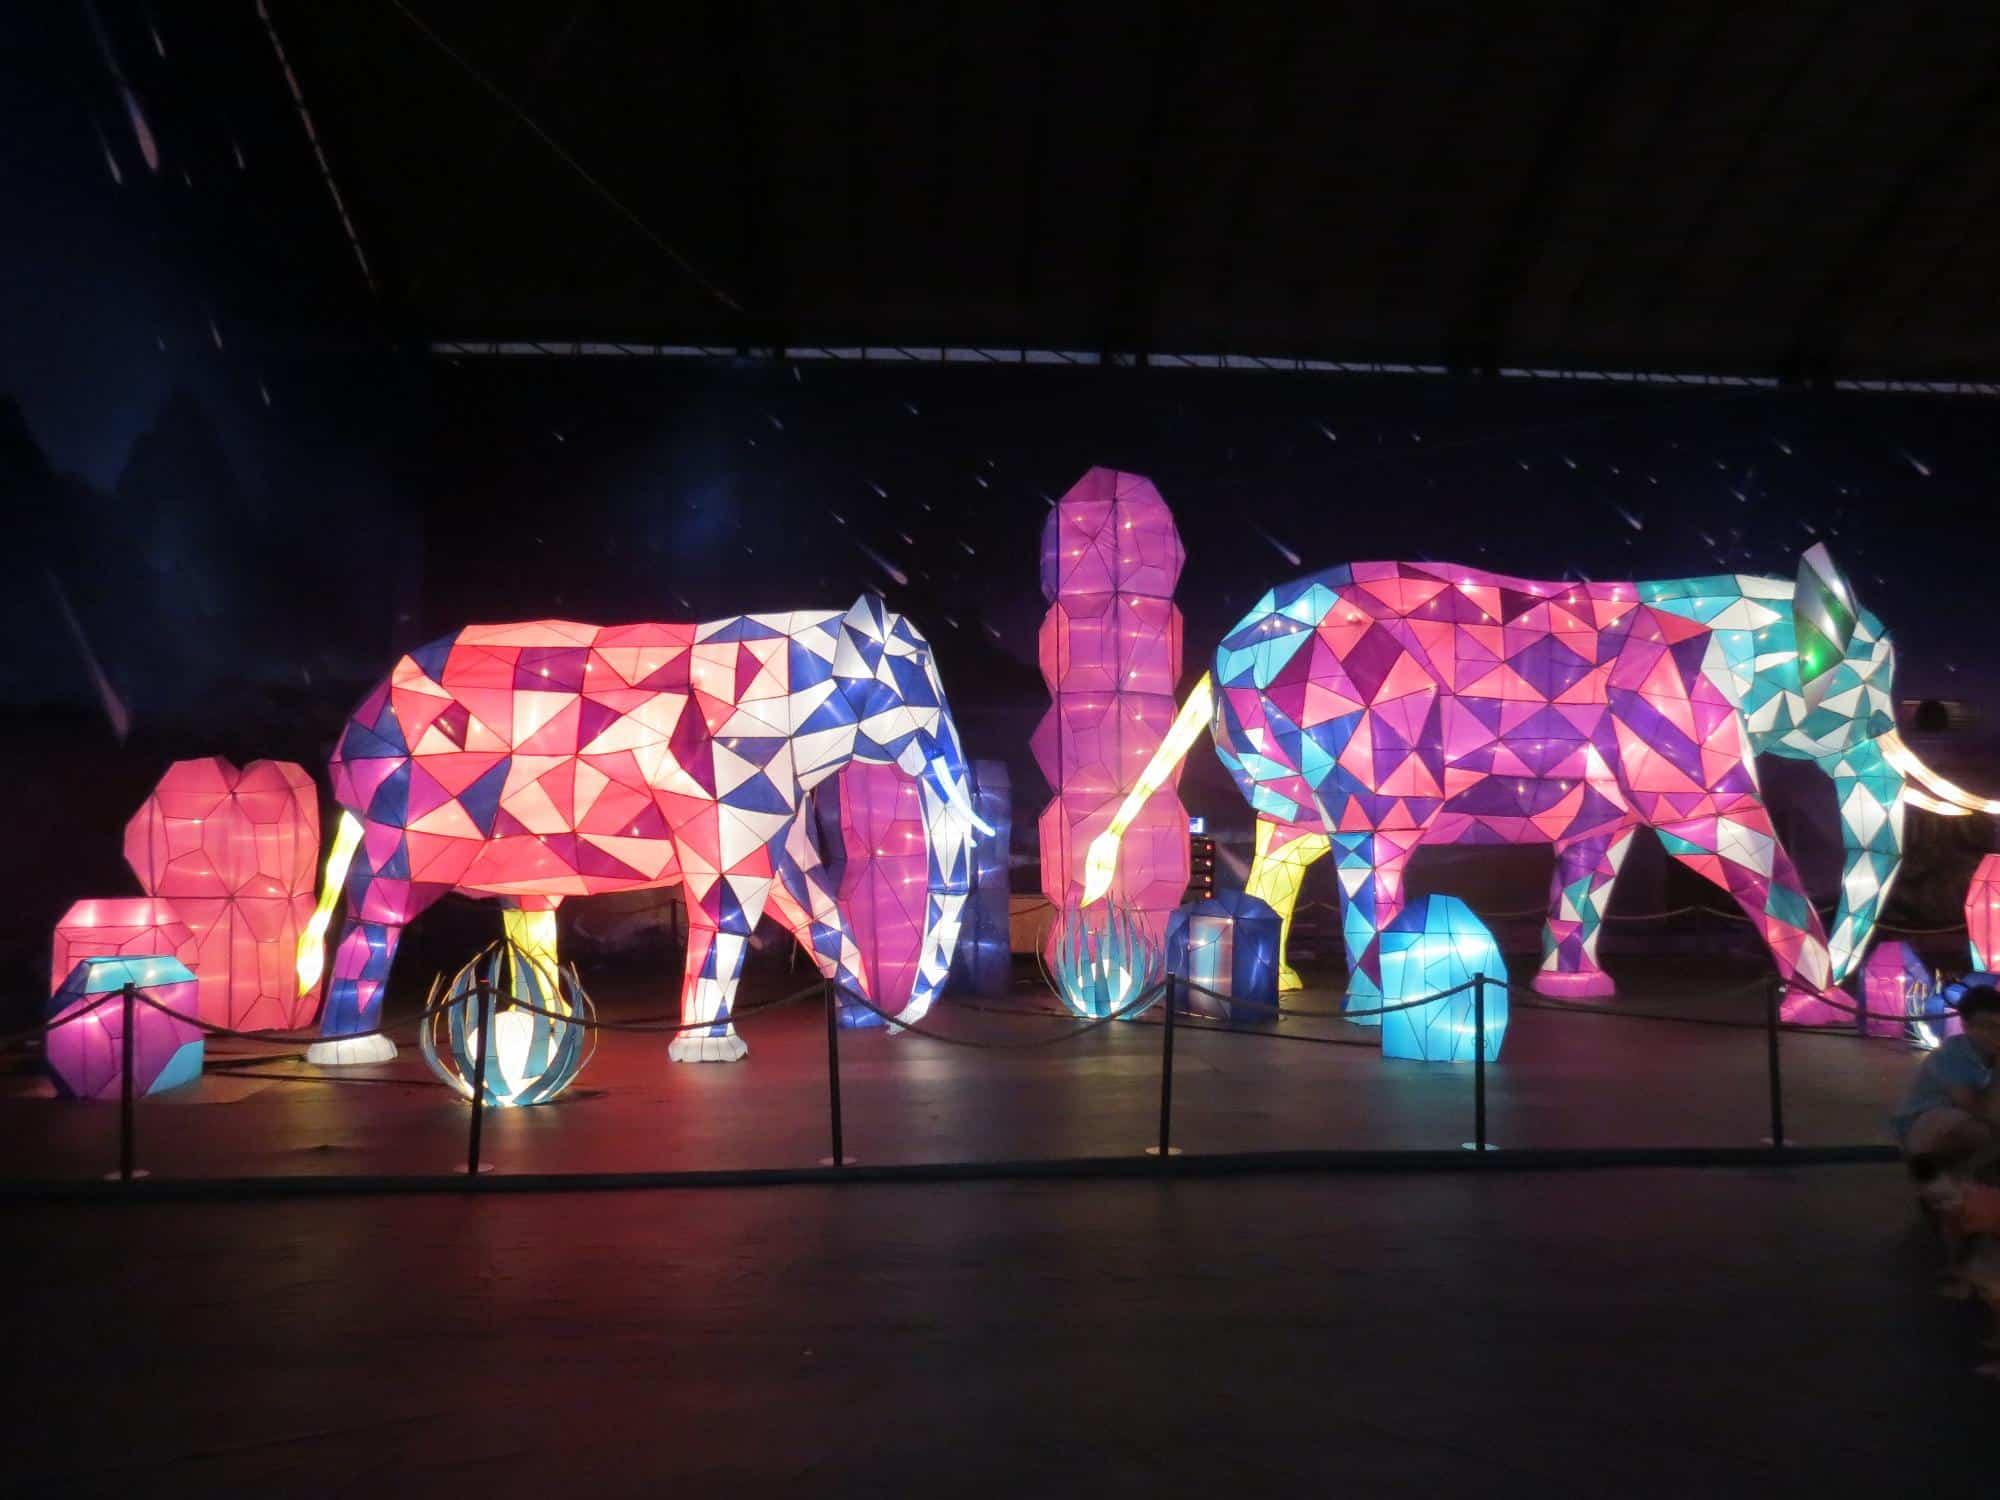 Một góc chụp khác của lồng đèn hình con voi